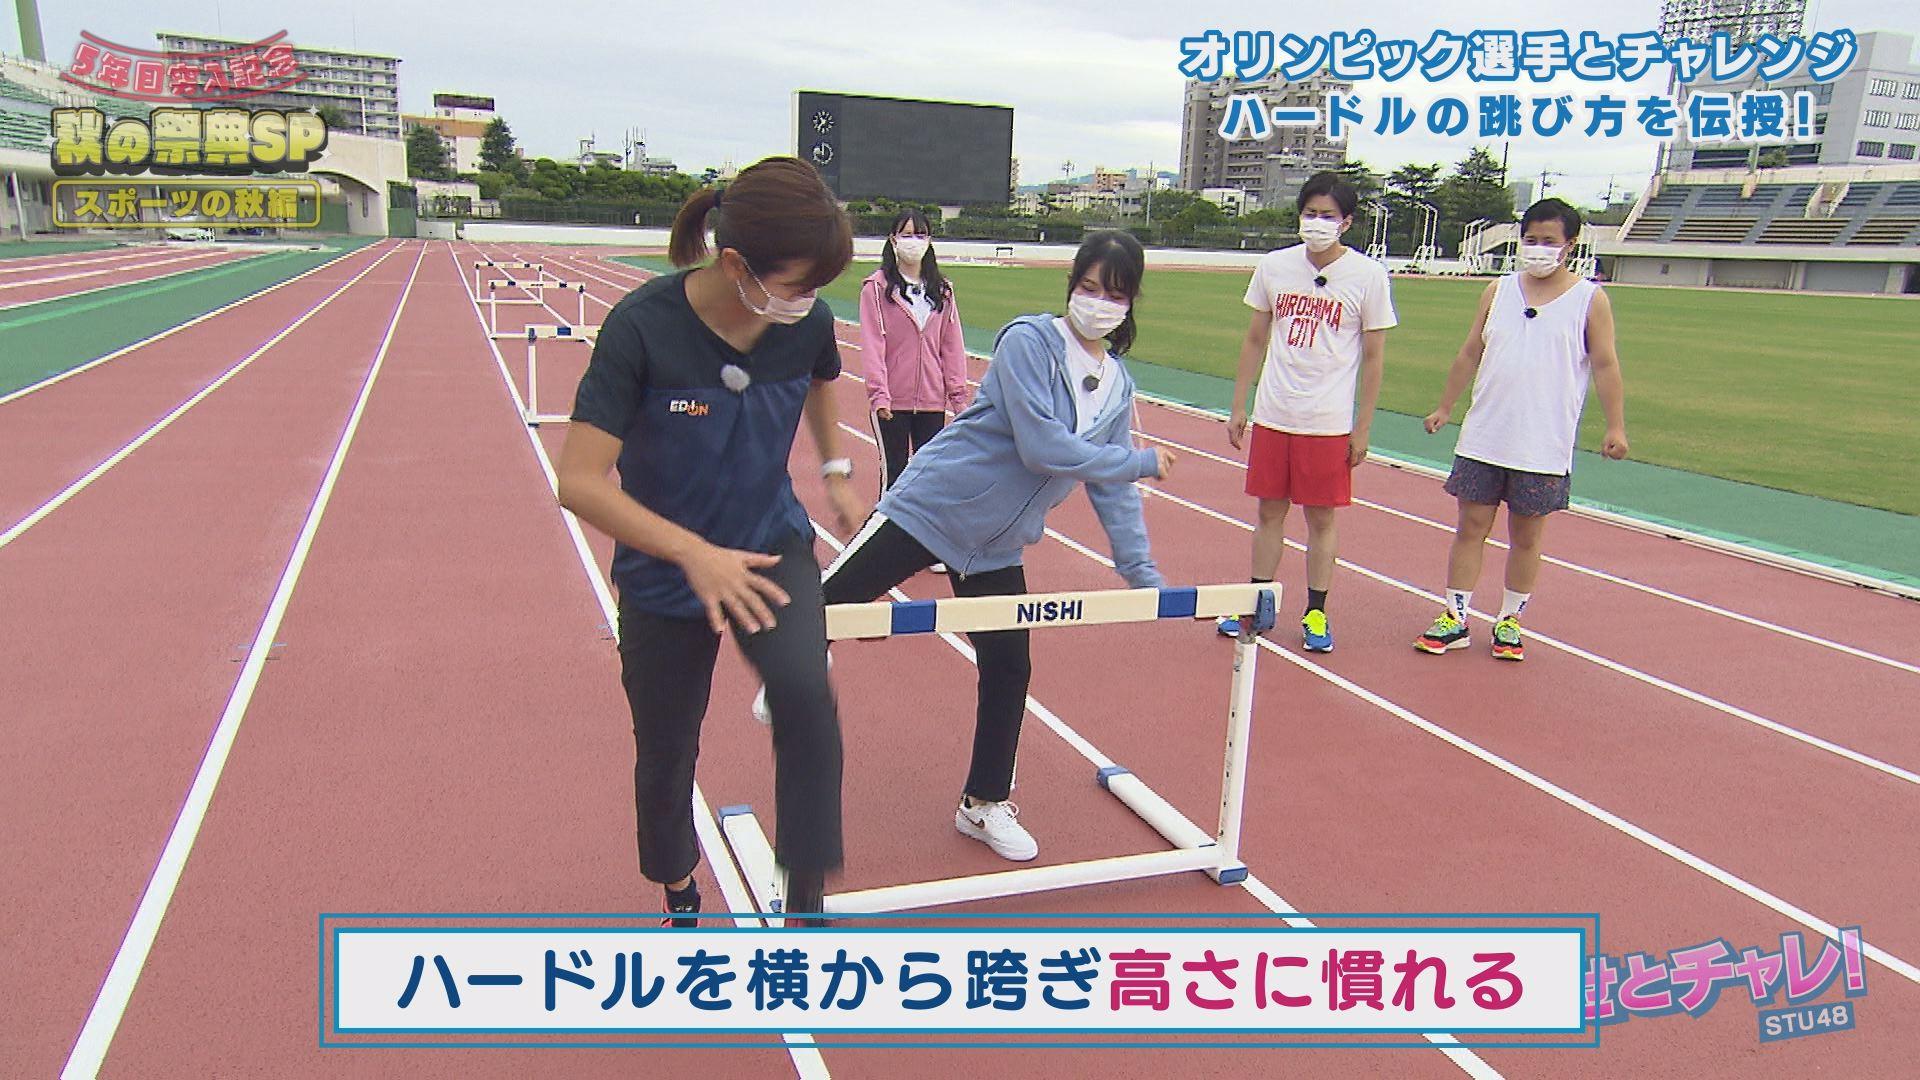 ハードル走のポイントを伝授する木村選手